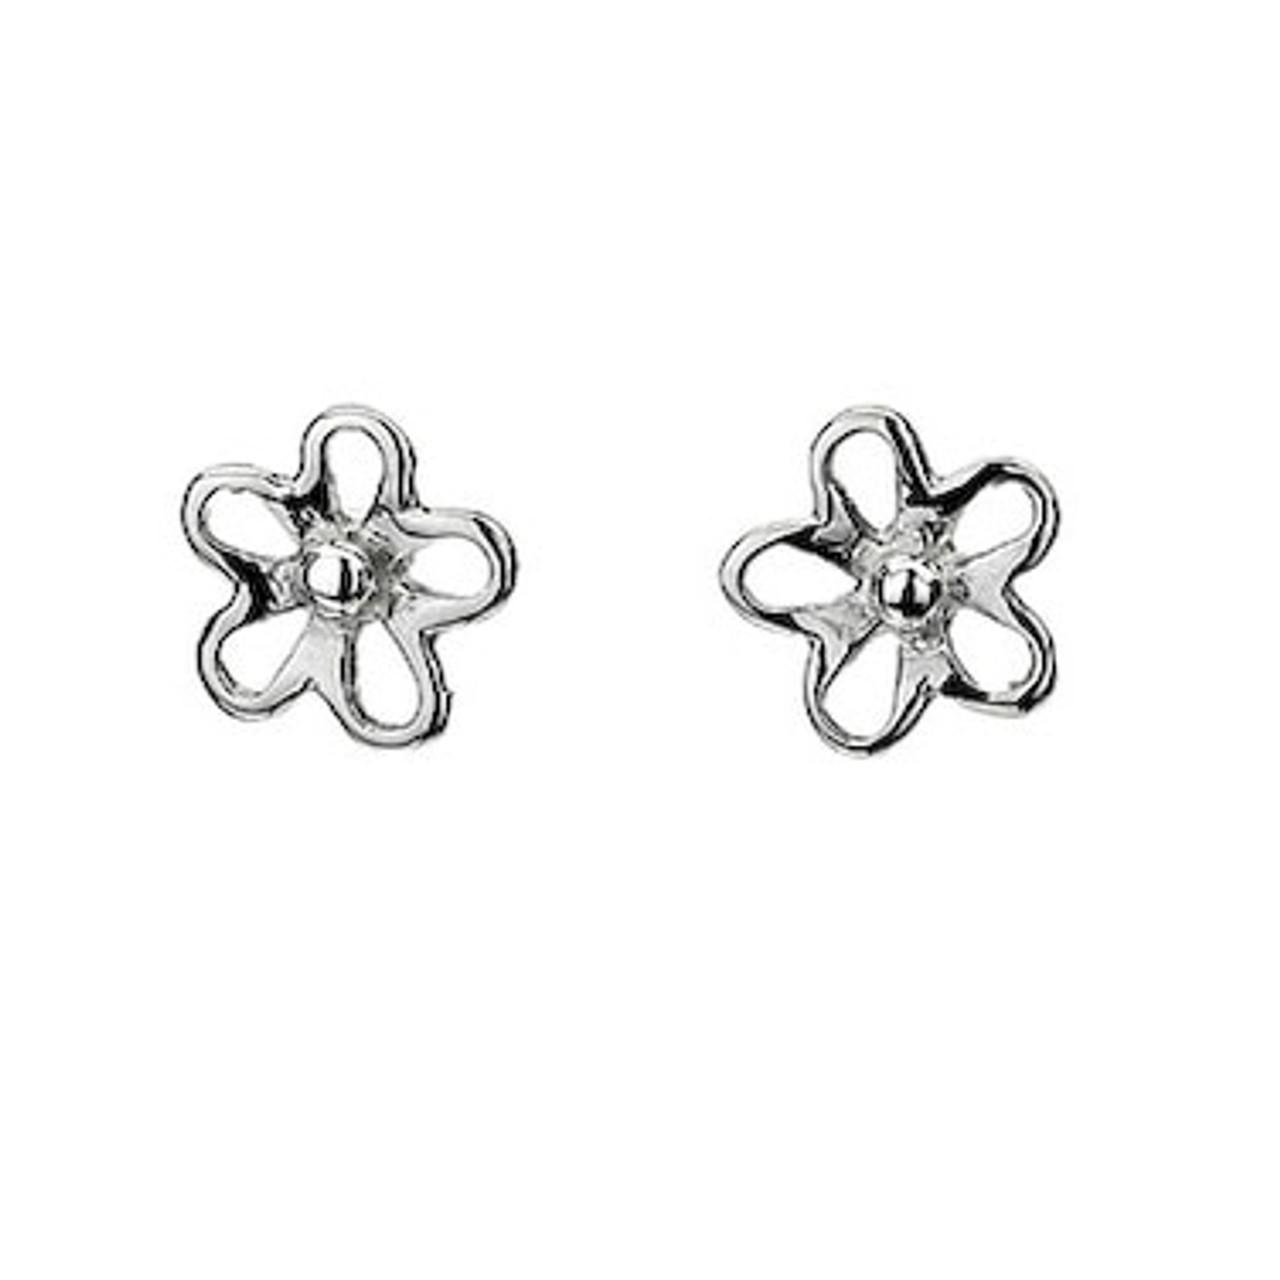 Silver Daisy shaped Stud Earrings